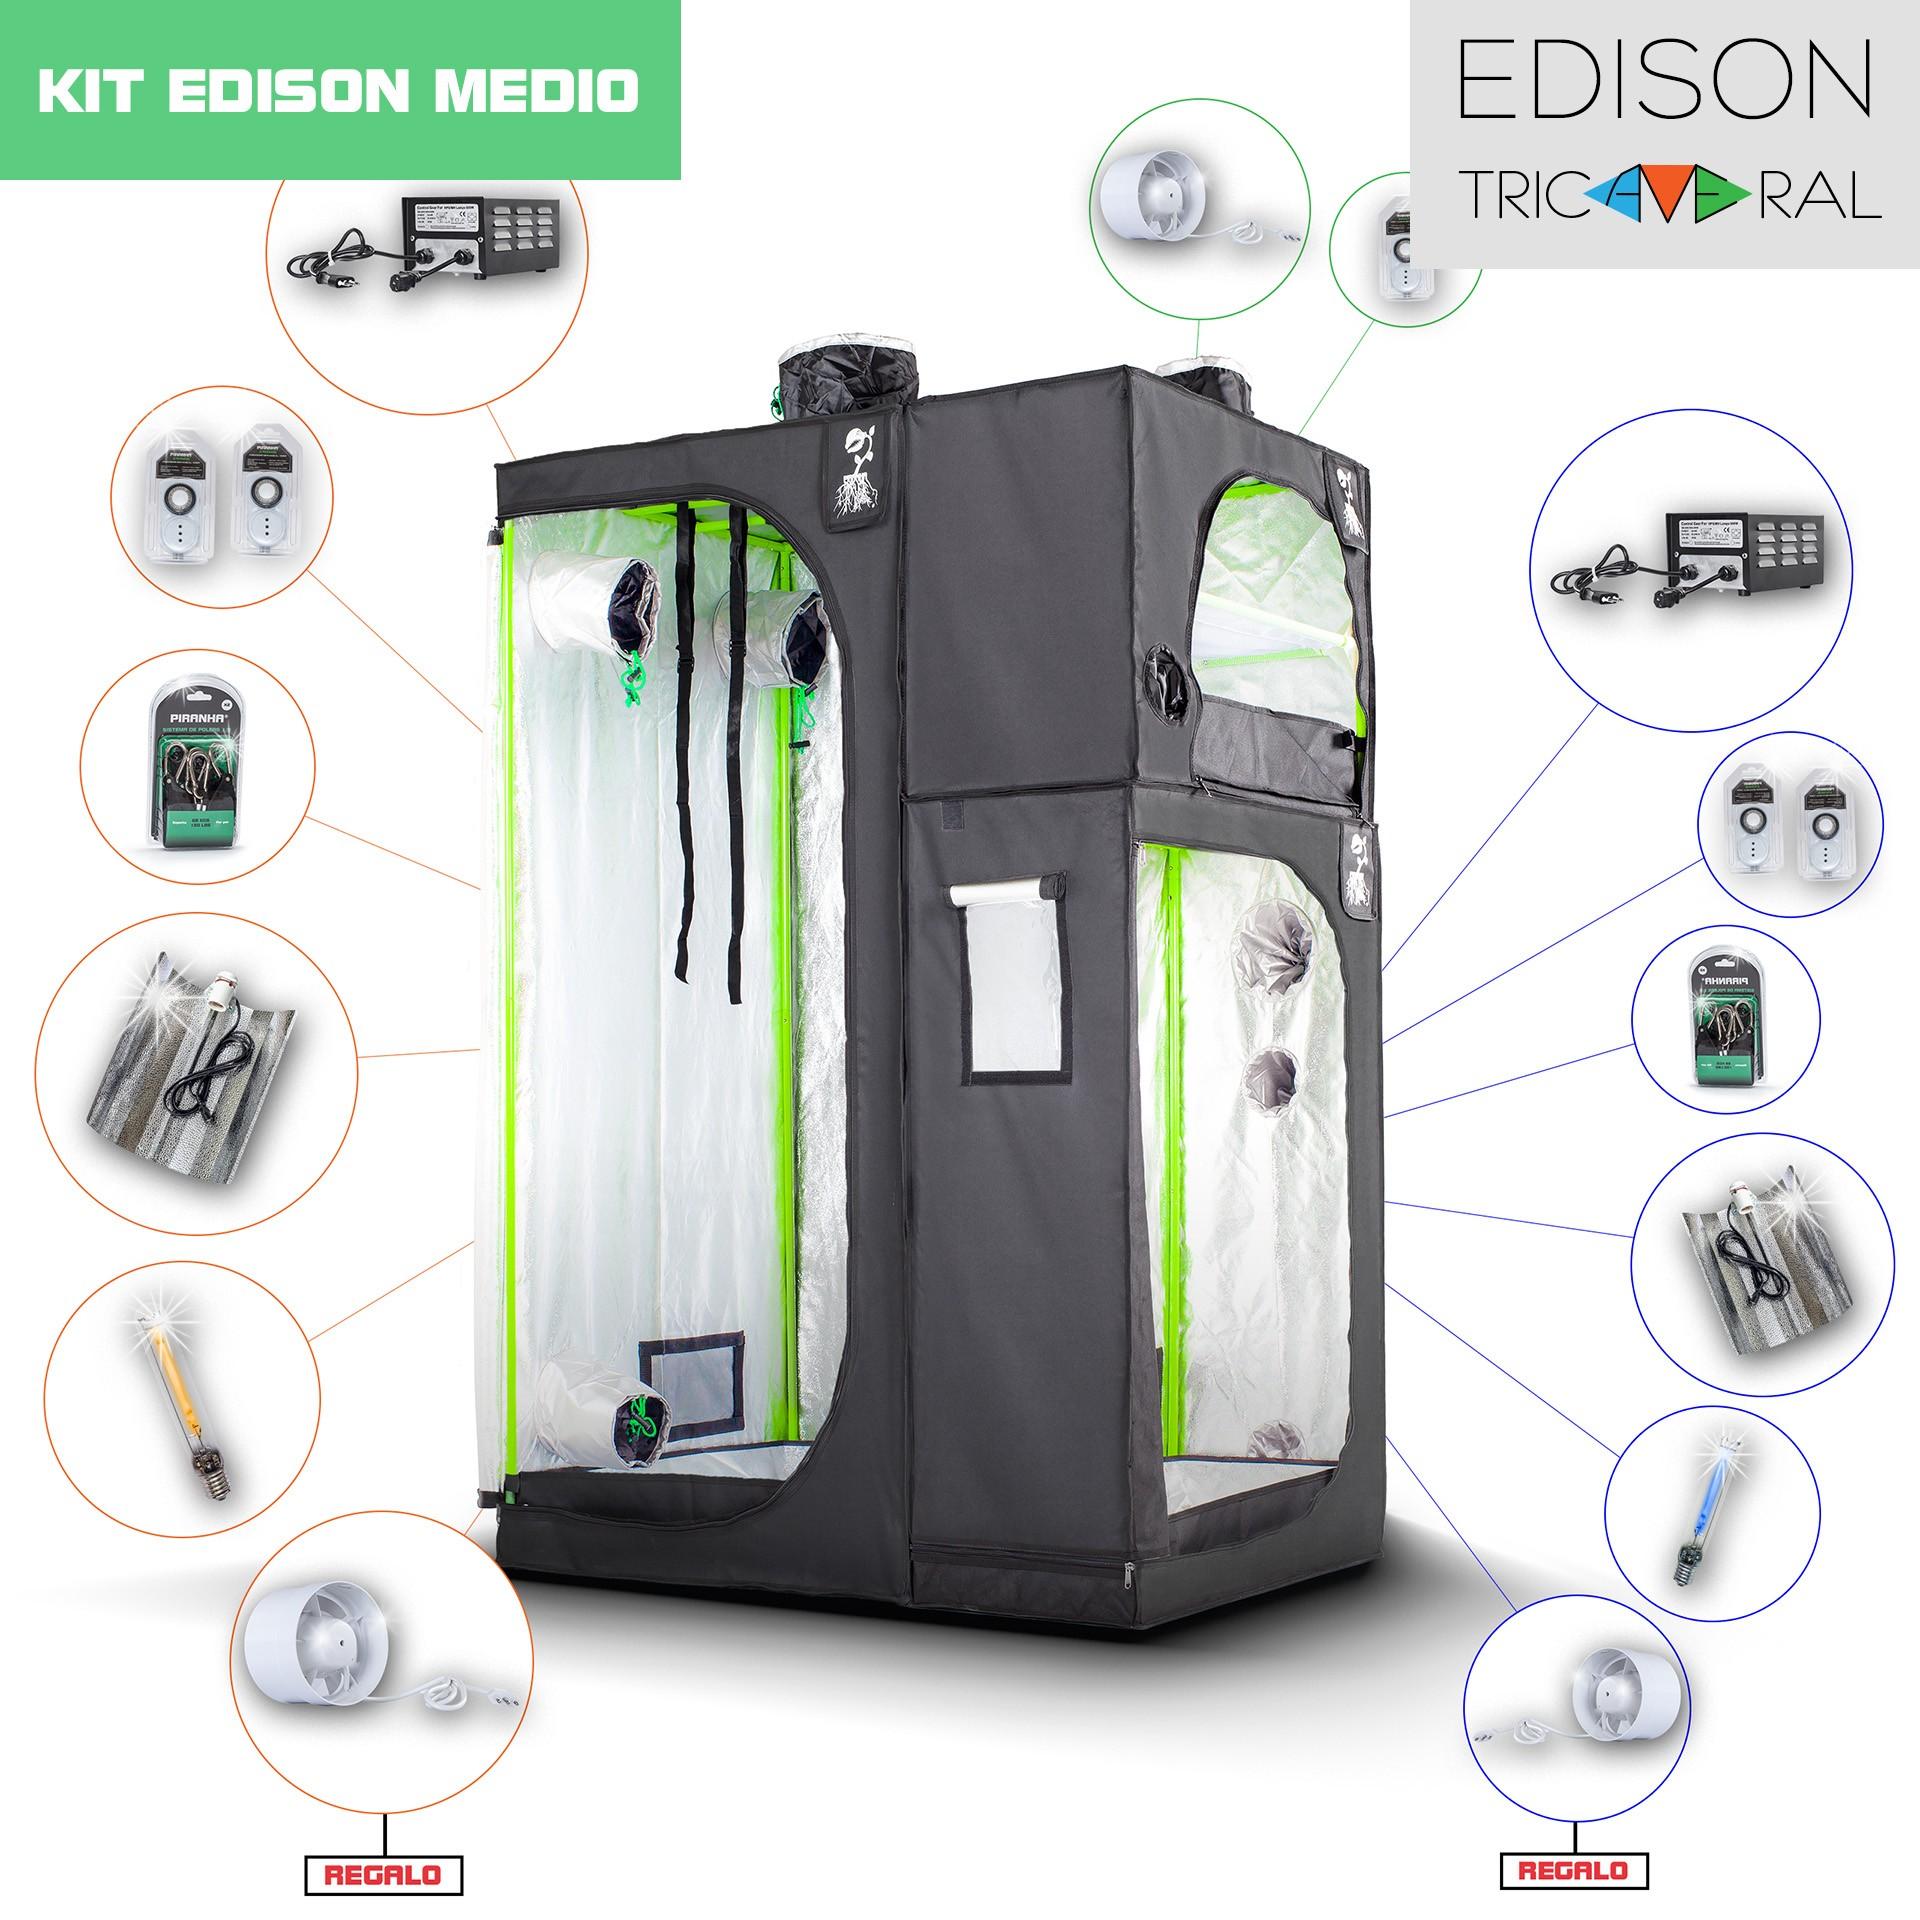 Kit Tricameral Edison - Medio